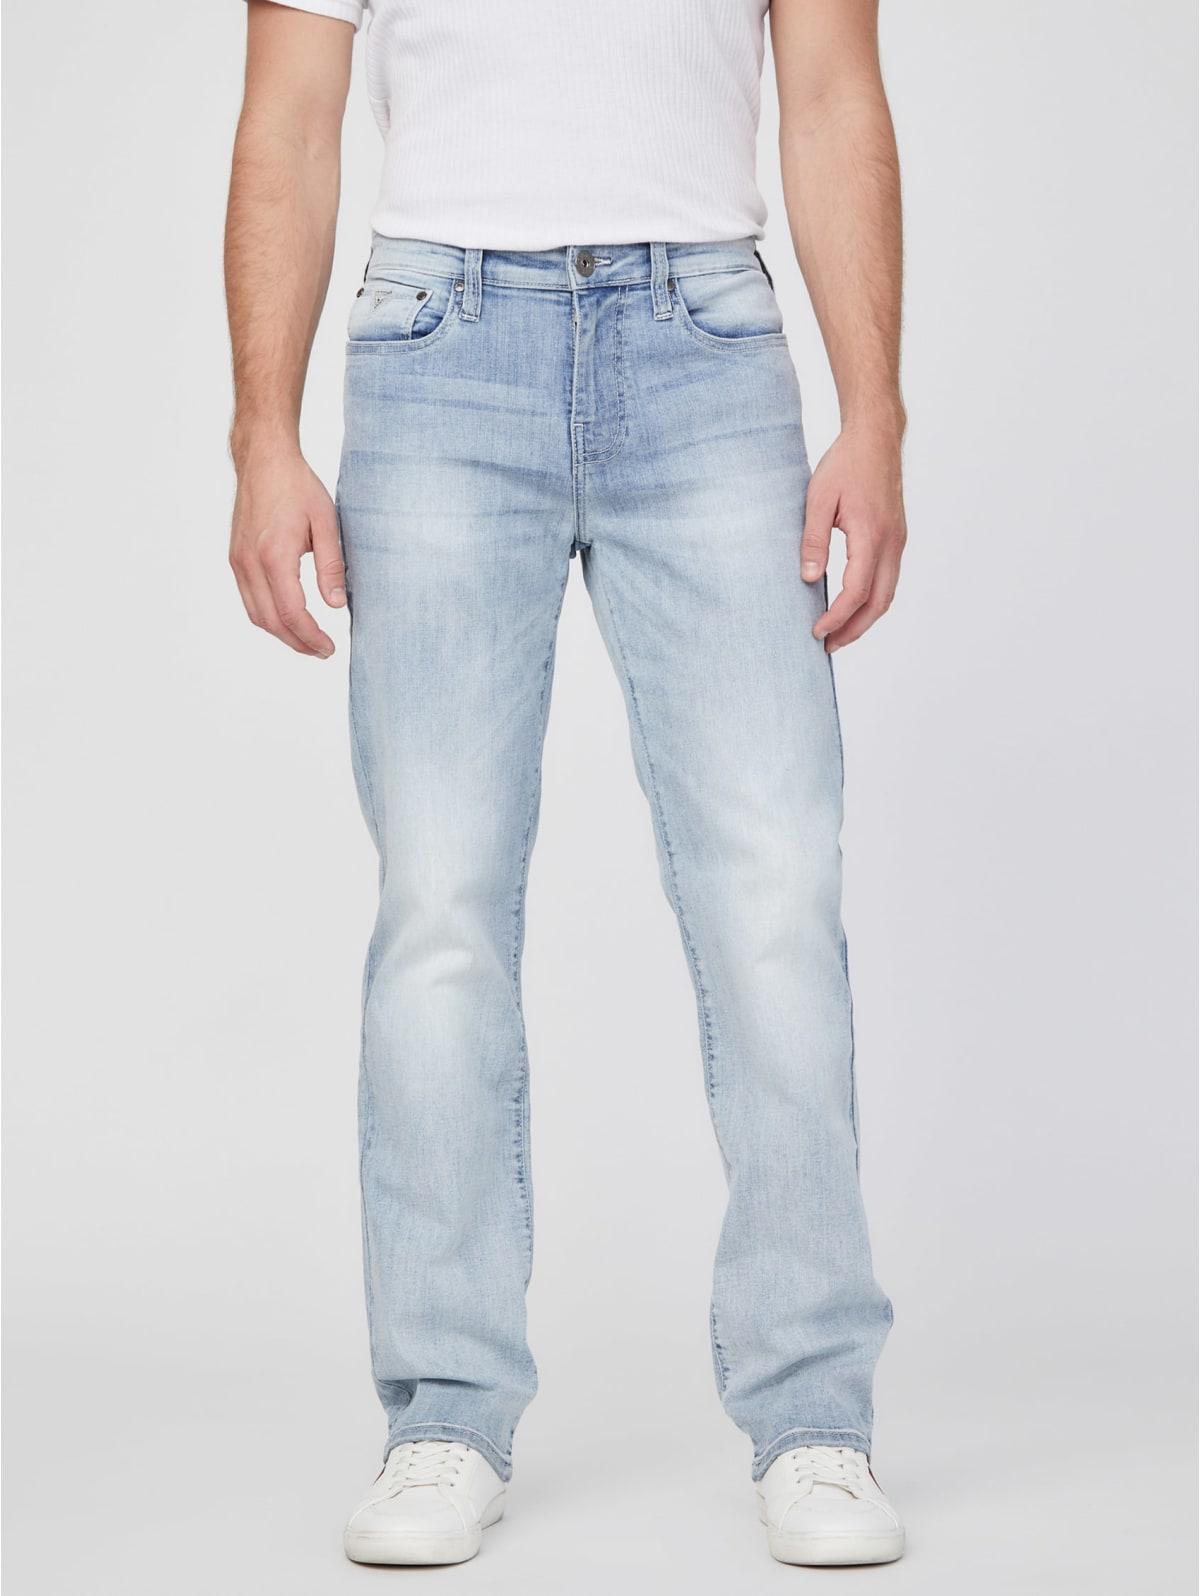 NEU MIT ETIKETT Guss Del Mar Fit W32 L30 Herren Jeans Slim Straight Dark Wash